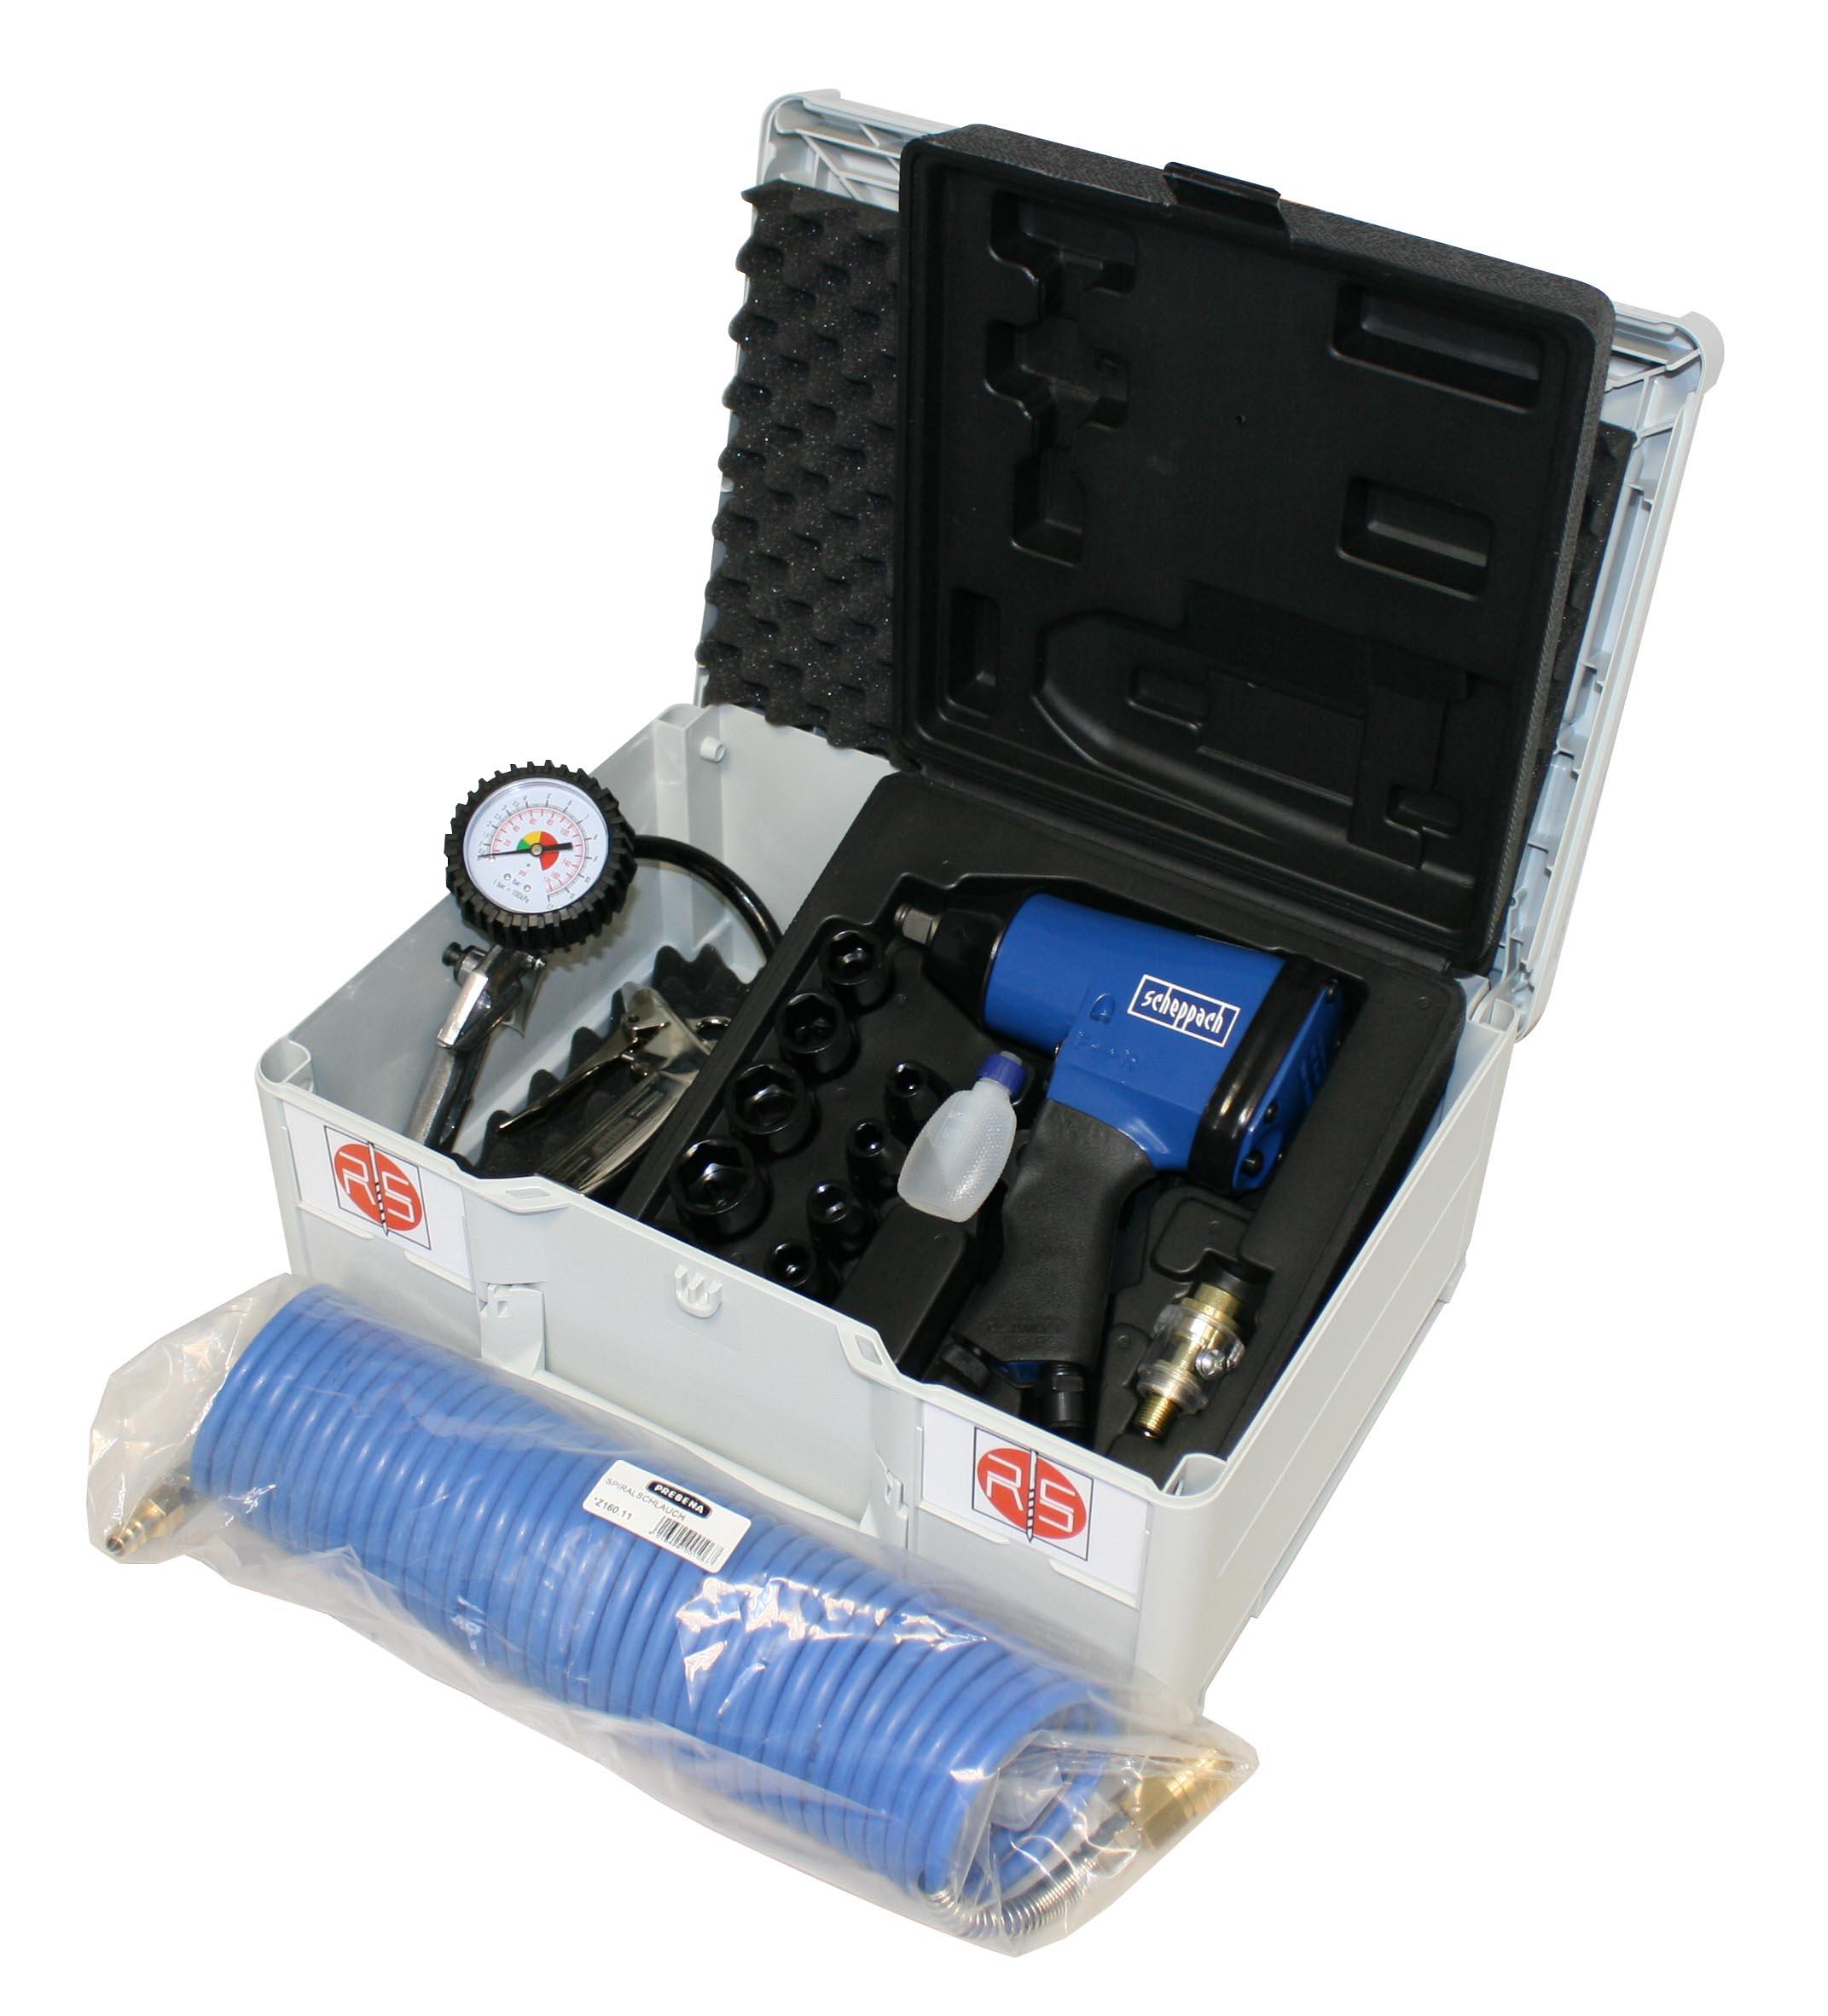 Systainer Box Nr. 31 - Systainer-Koffer mit Schlagschrauber, Nüsse inkl. Reifenfüller, Ausblaspistol